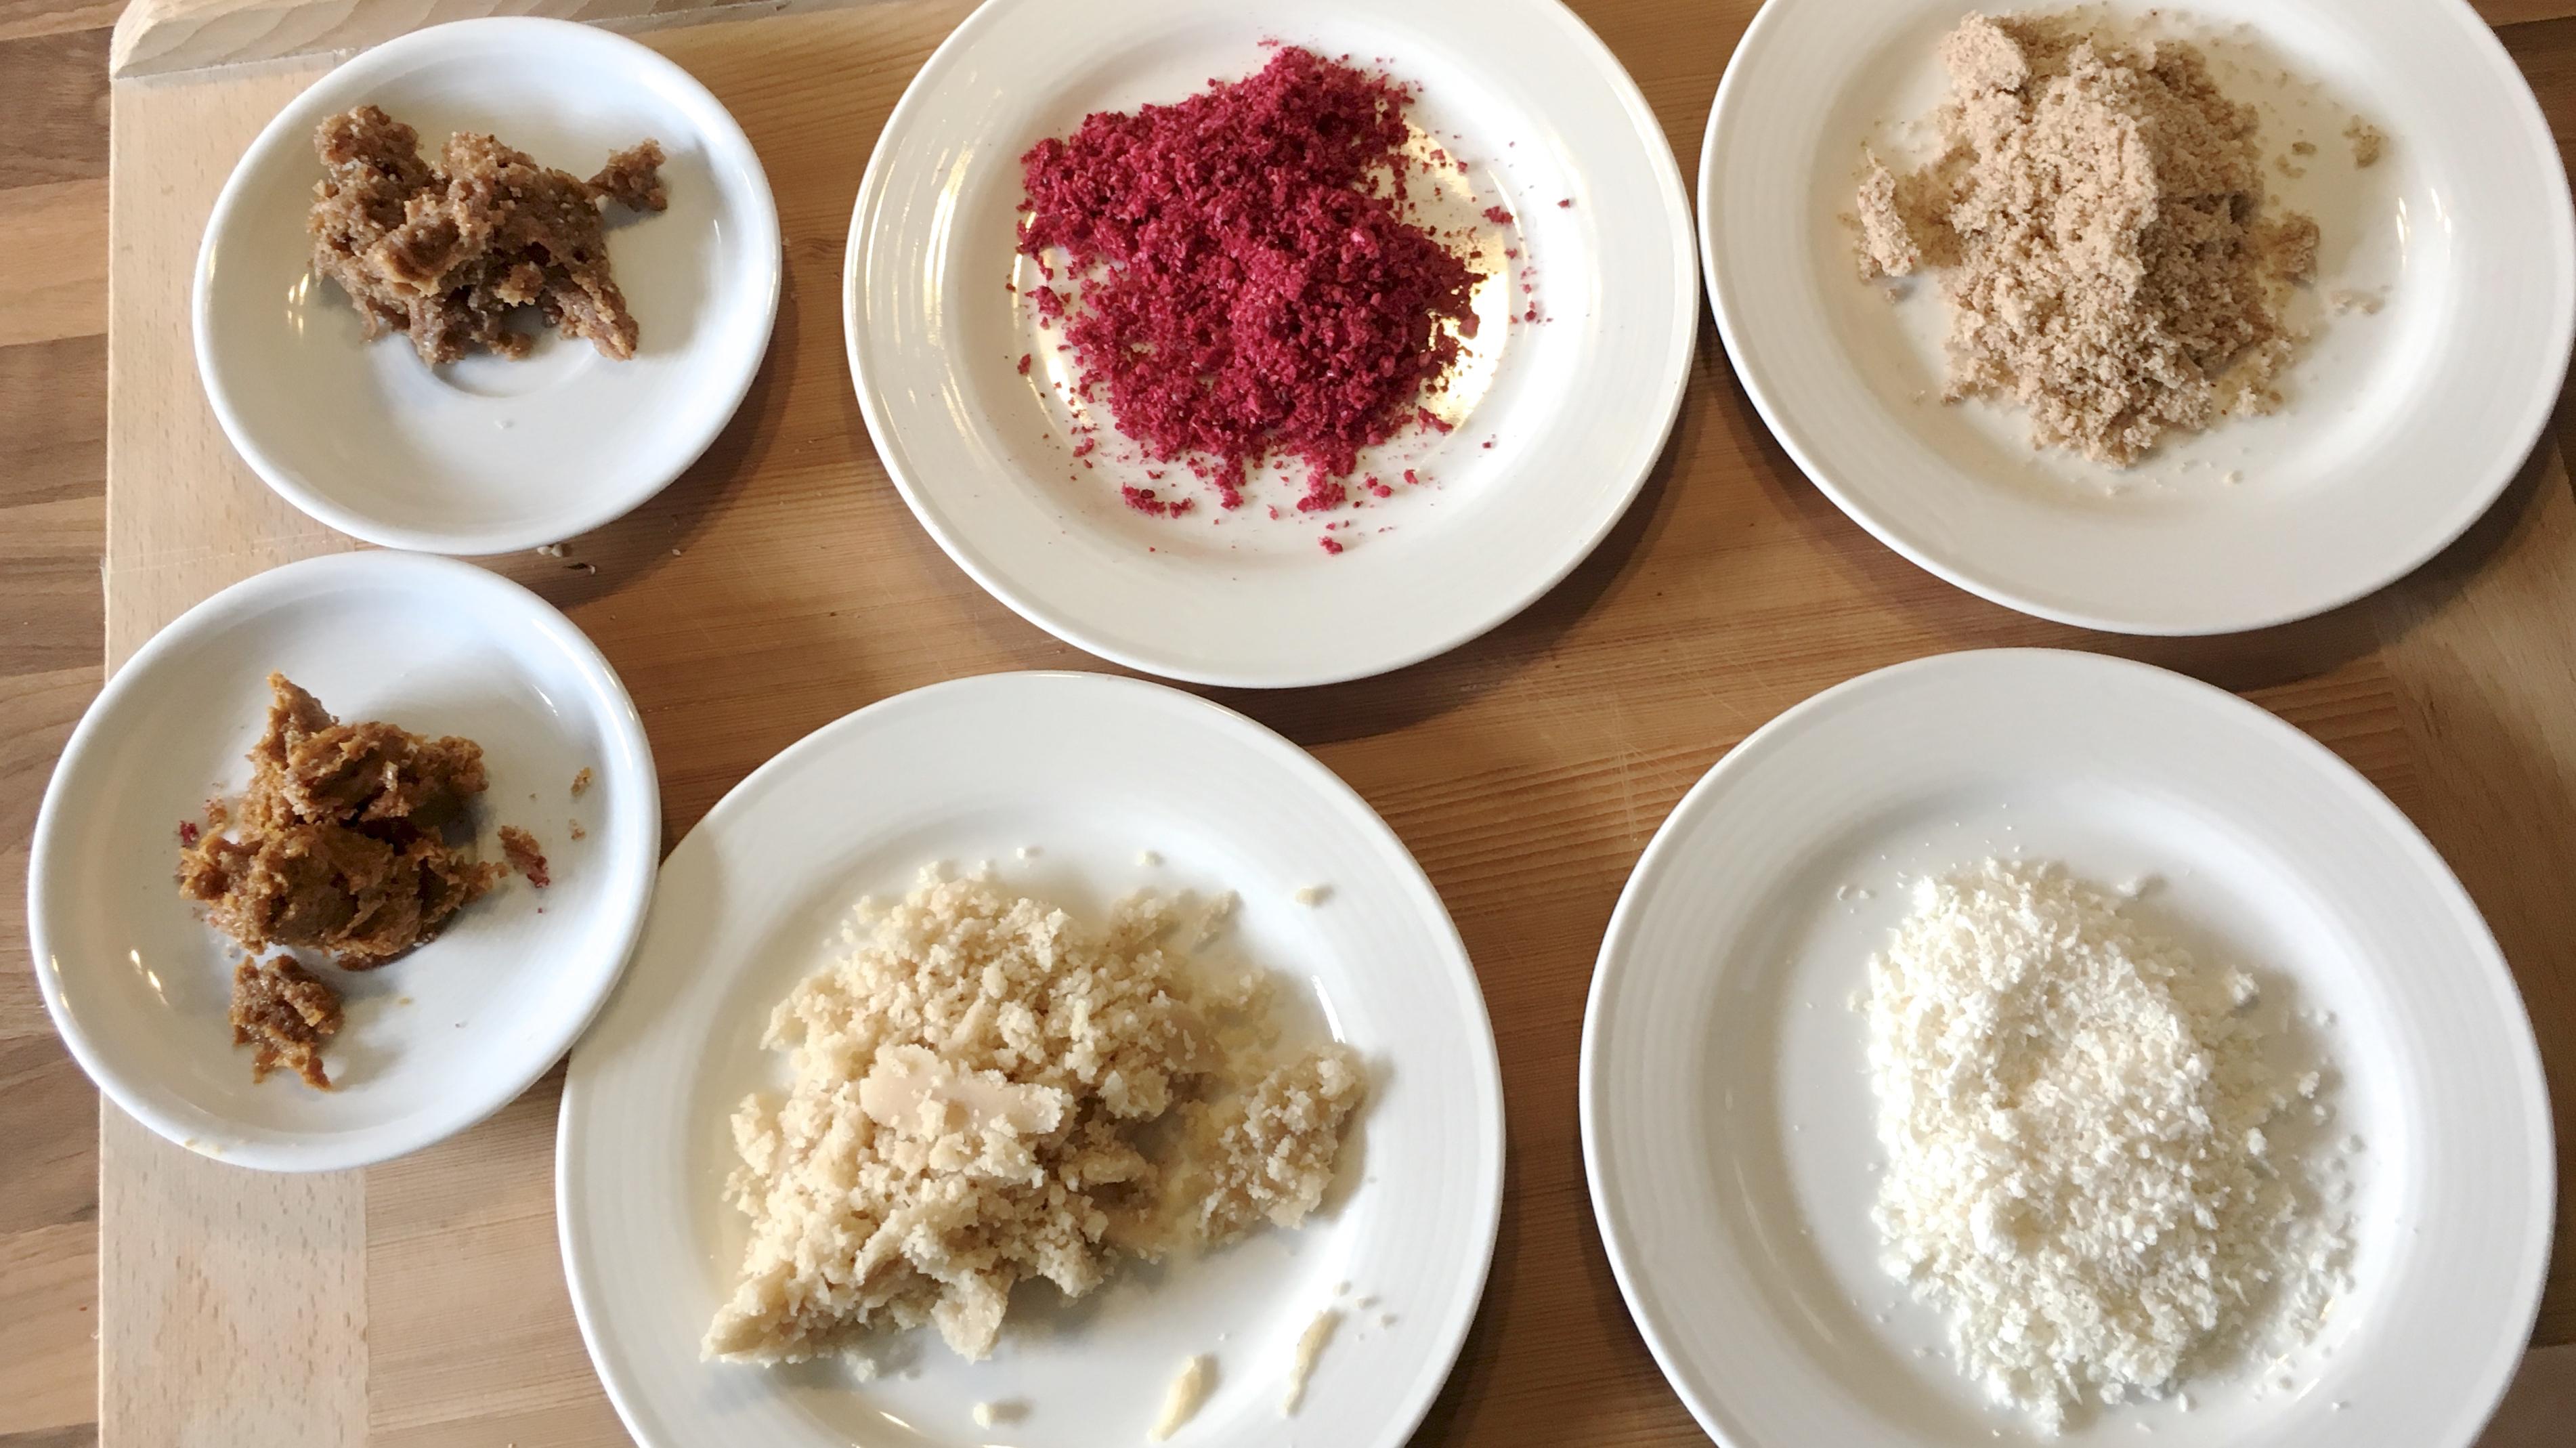 Zutaten für selbst gemachte Pralinen